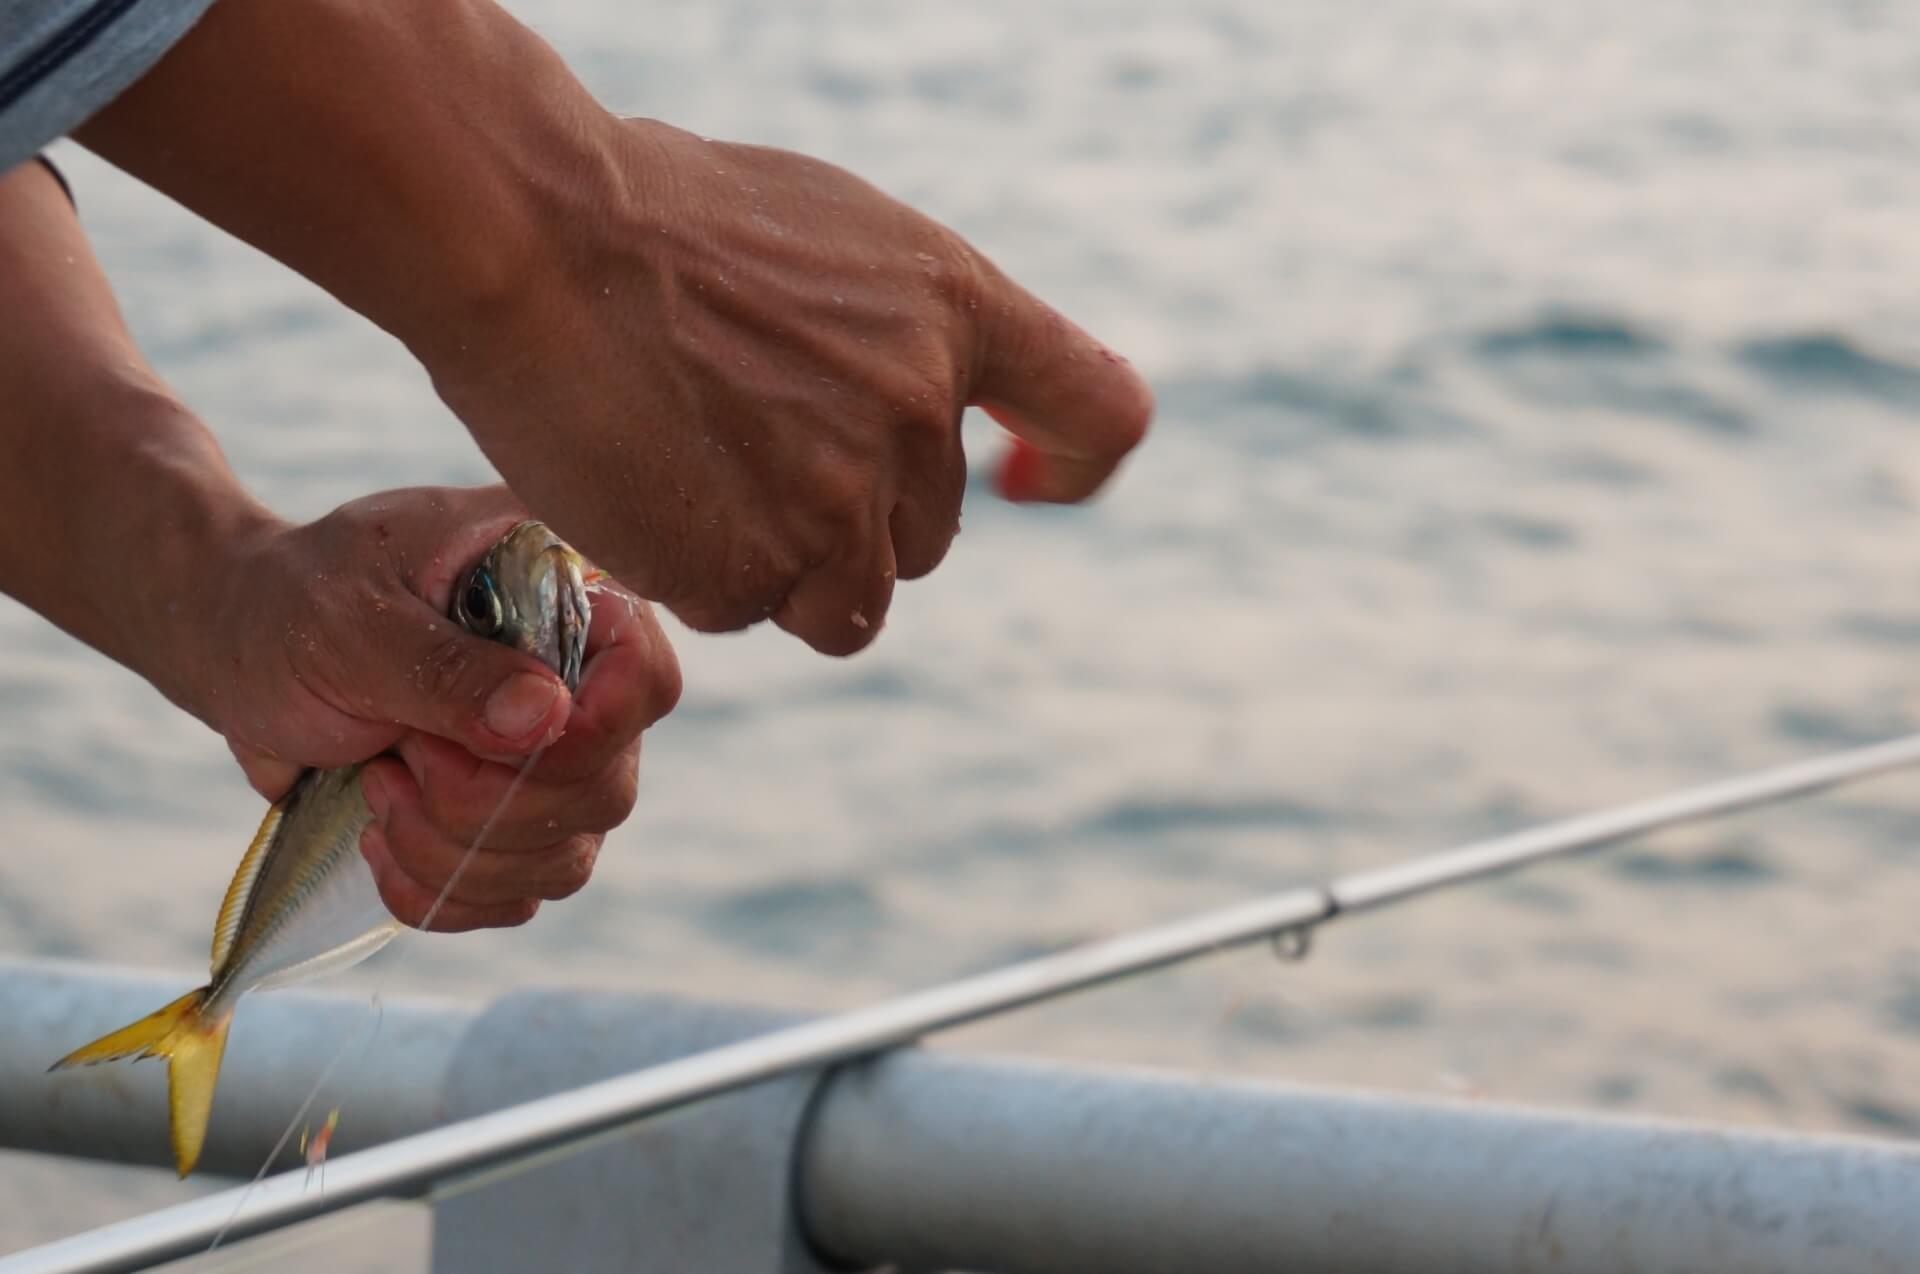 飲ませ釣り(泳がせ釣り)を堤防で!アジ・イワシ・サバでヒラメやキジハタなど高級魚が釣れる!